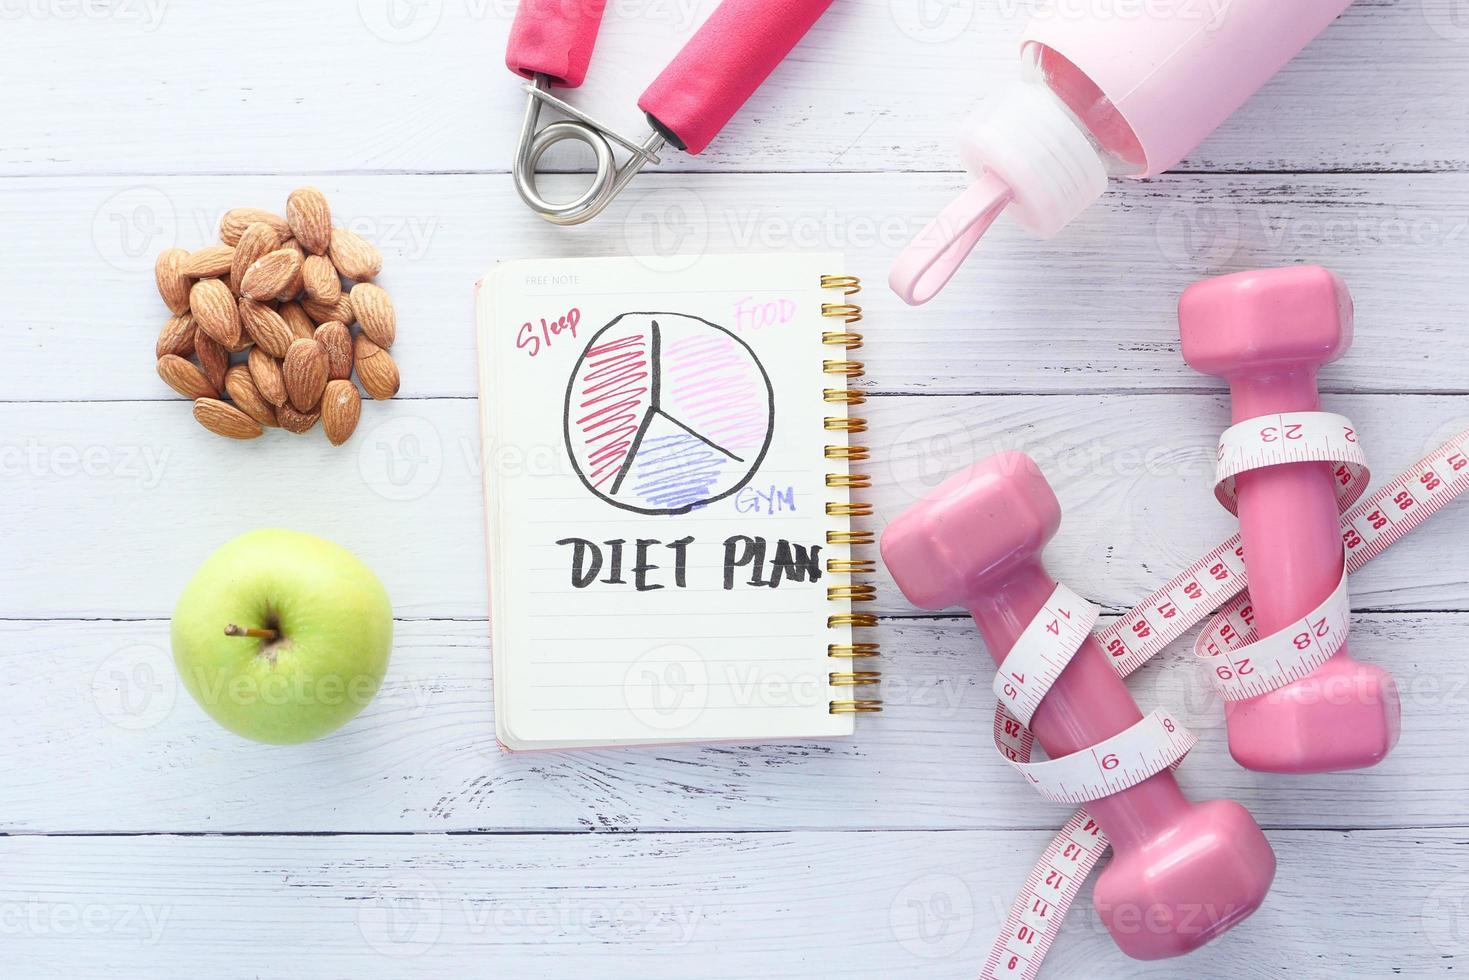 plano de dieta com maçã e halteres em fundo branco de madeira foto